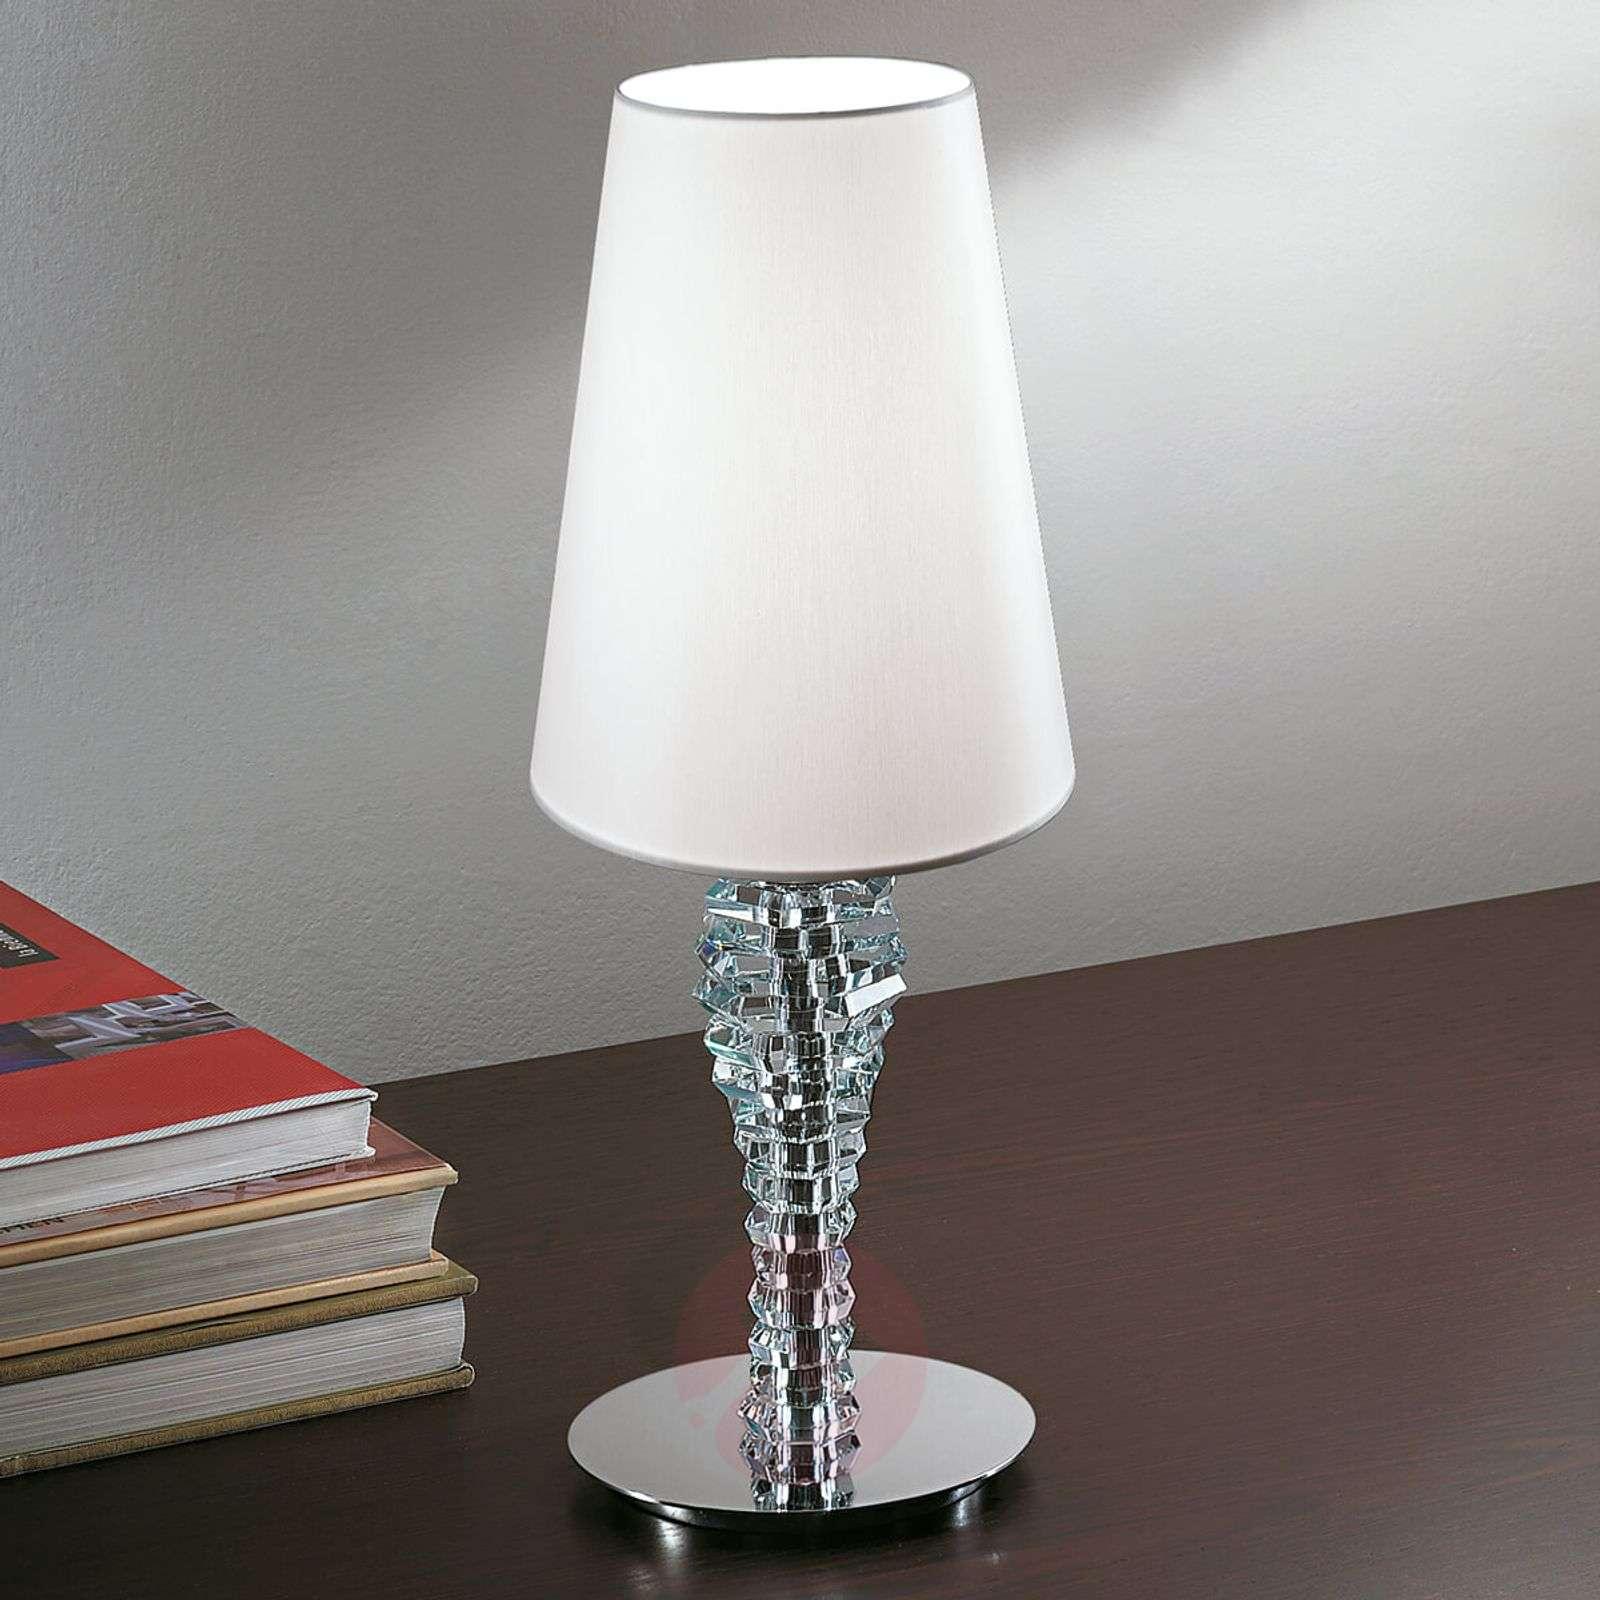 Pieni pöytävalaisin Crystal valkoinen-6059420-01